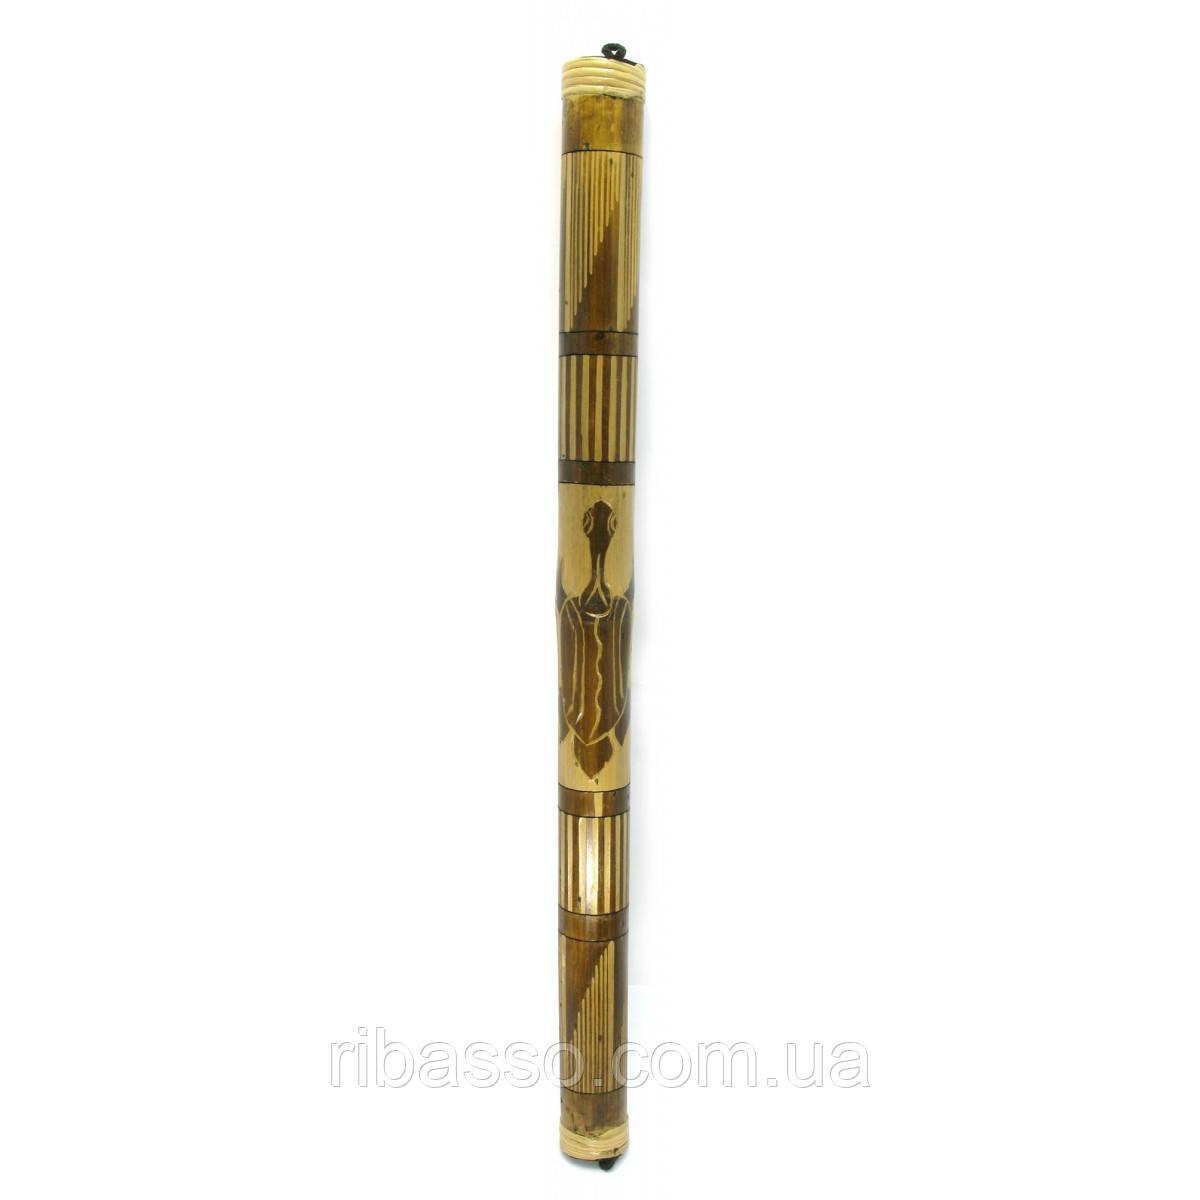 """Музичний інструмент """"Музика дощу"""" рейнстік різьблений 80х5х5 см 29682"""